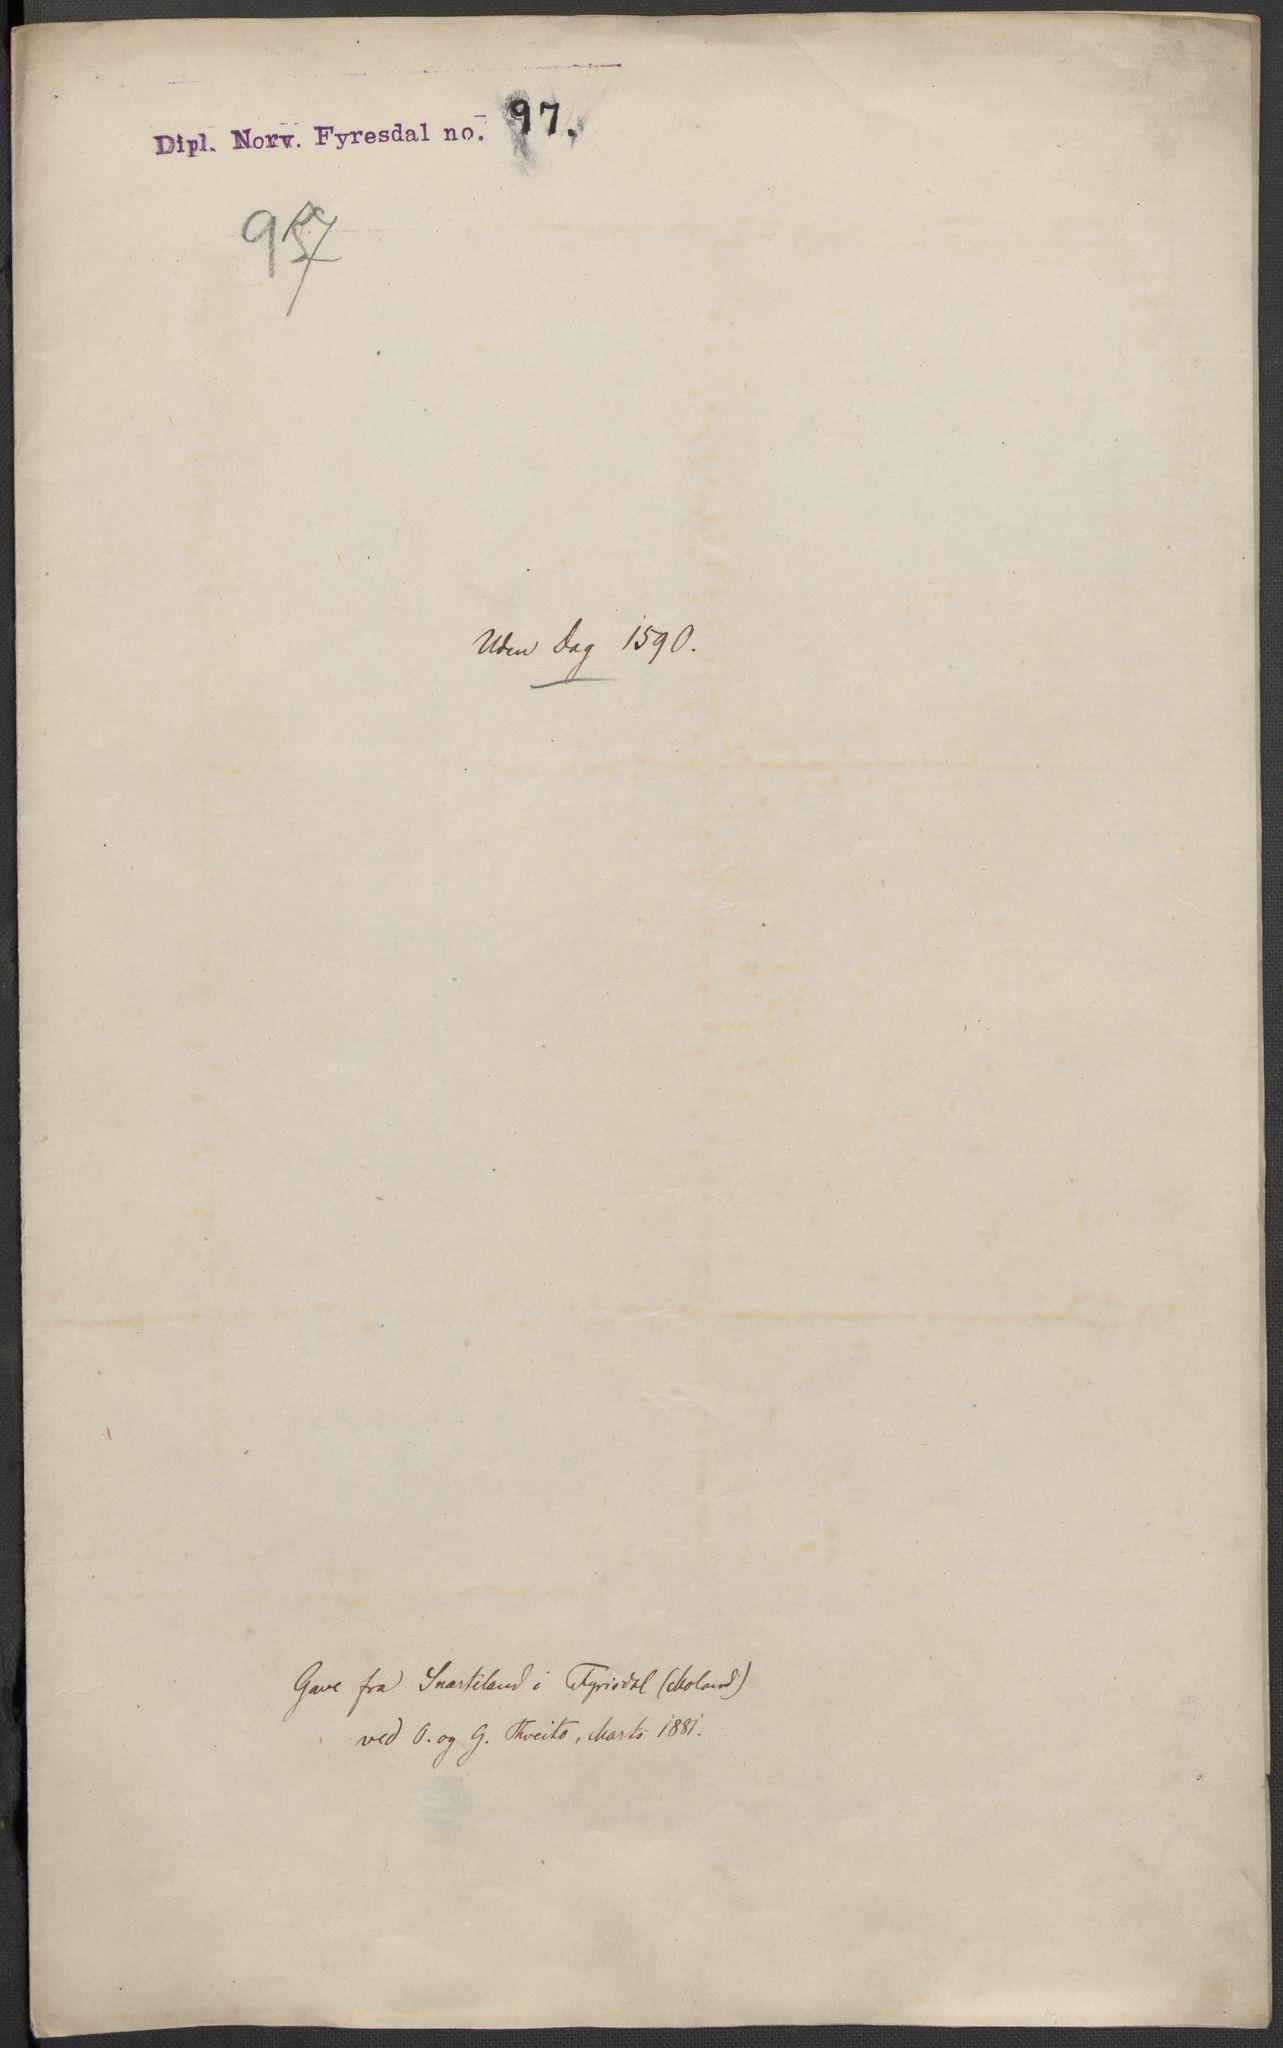 RA, Riksarkivets diplomsamling, F02/L0092: Dokumenter, 1590, s. 42